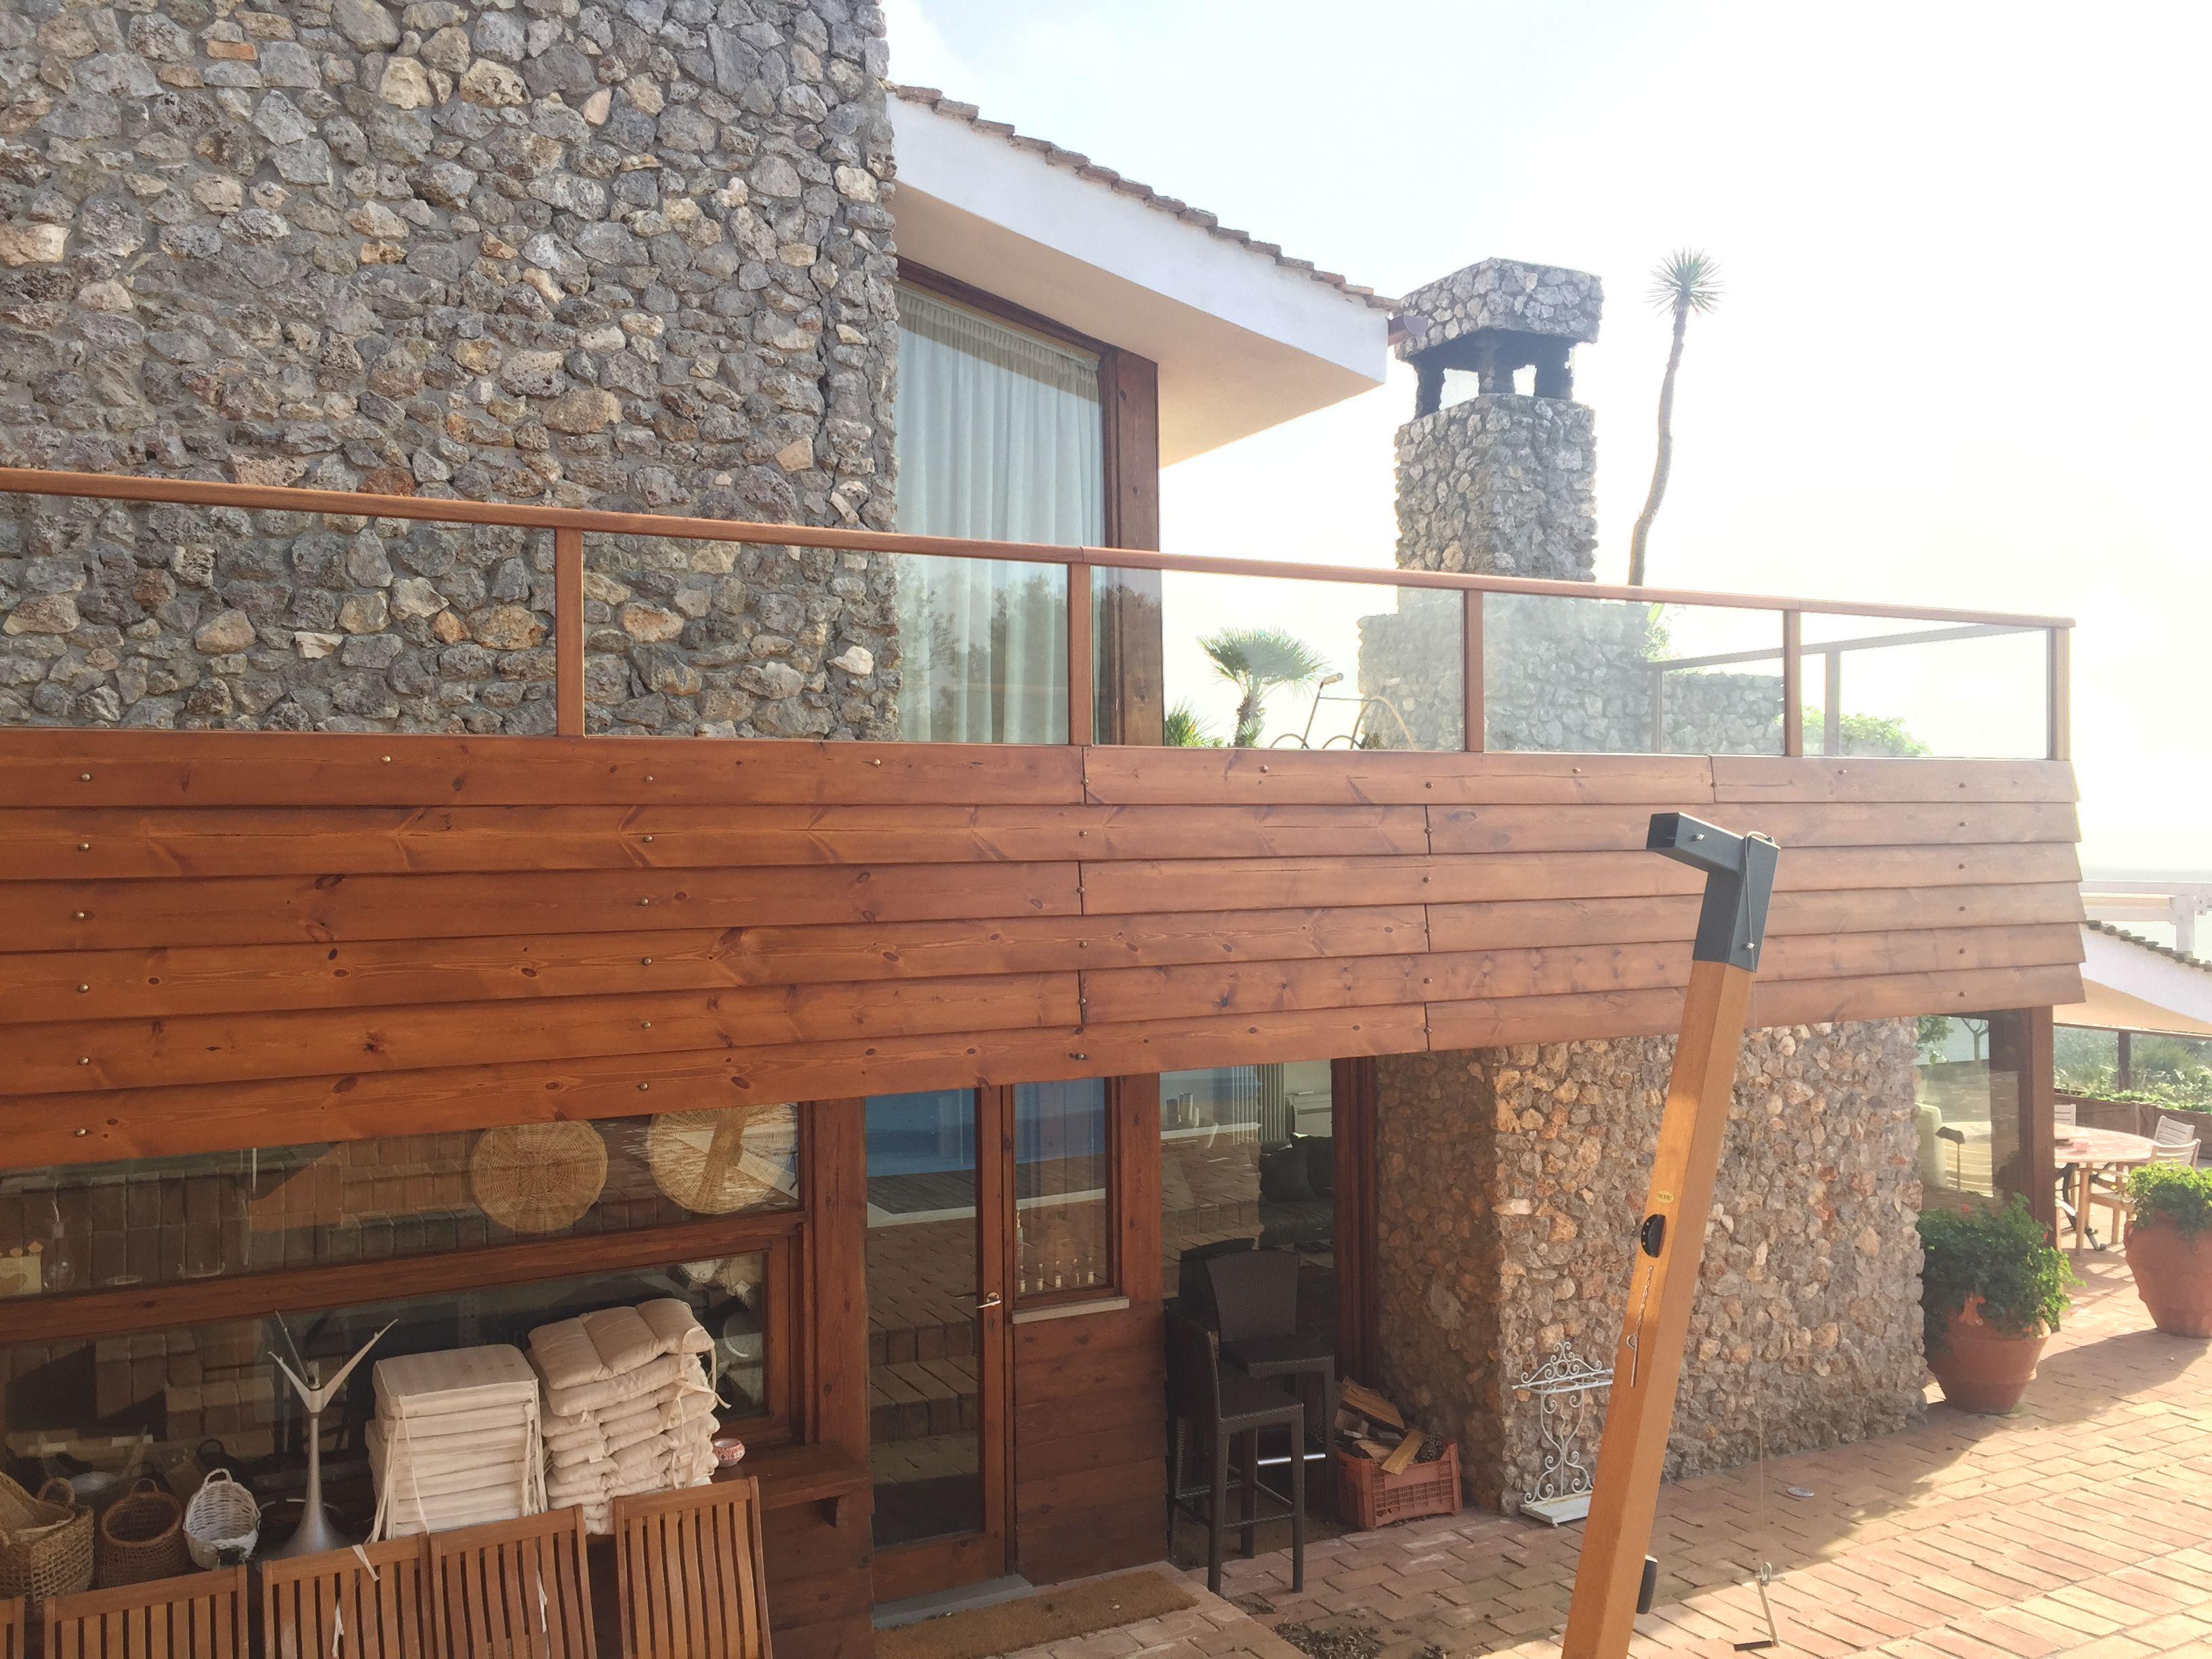 Lavoro di manutenzione stecche parapetti terrazze, montaggio vetri e ...